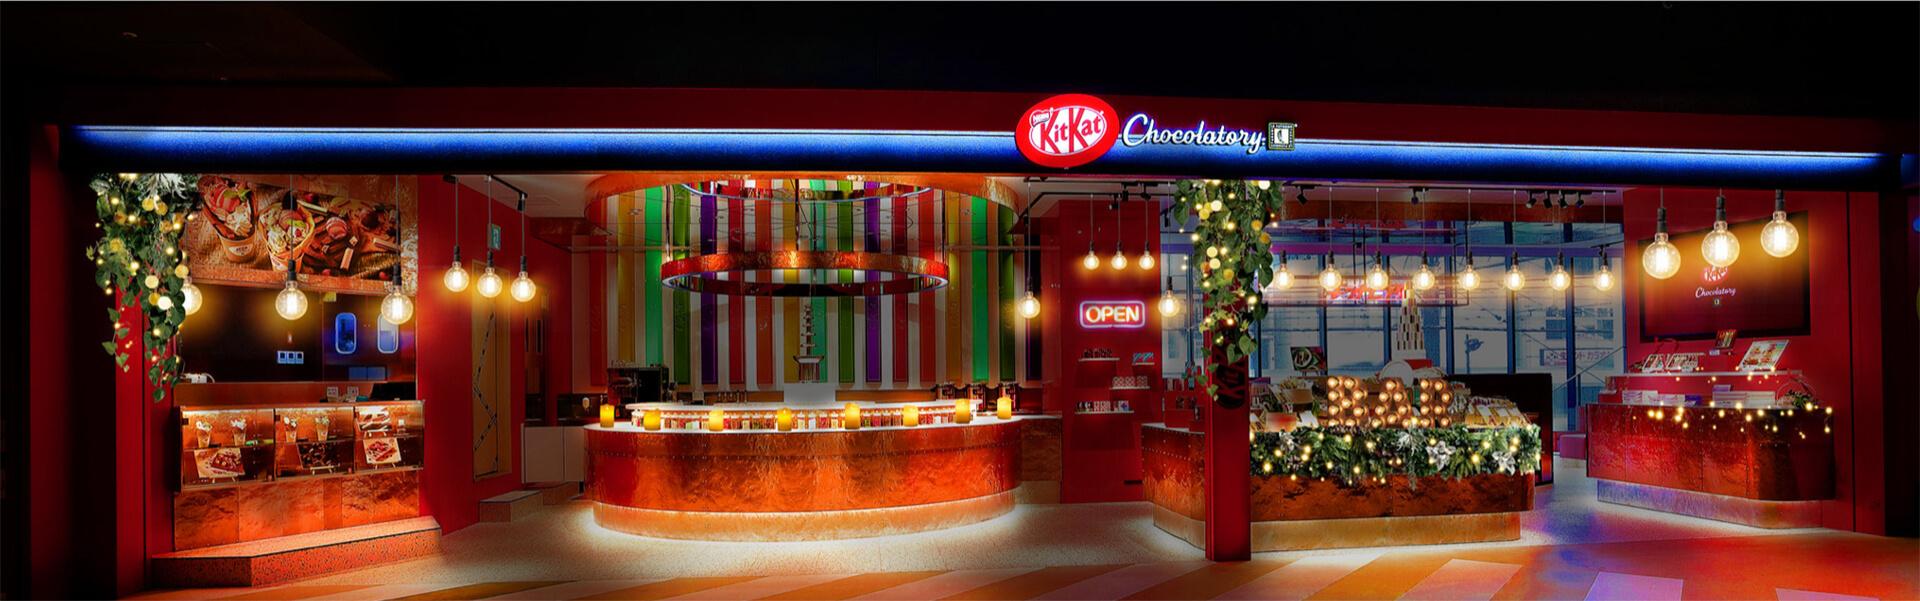 キットカット ショコラトリー ミヤシタパーク渋谷店